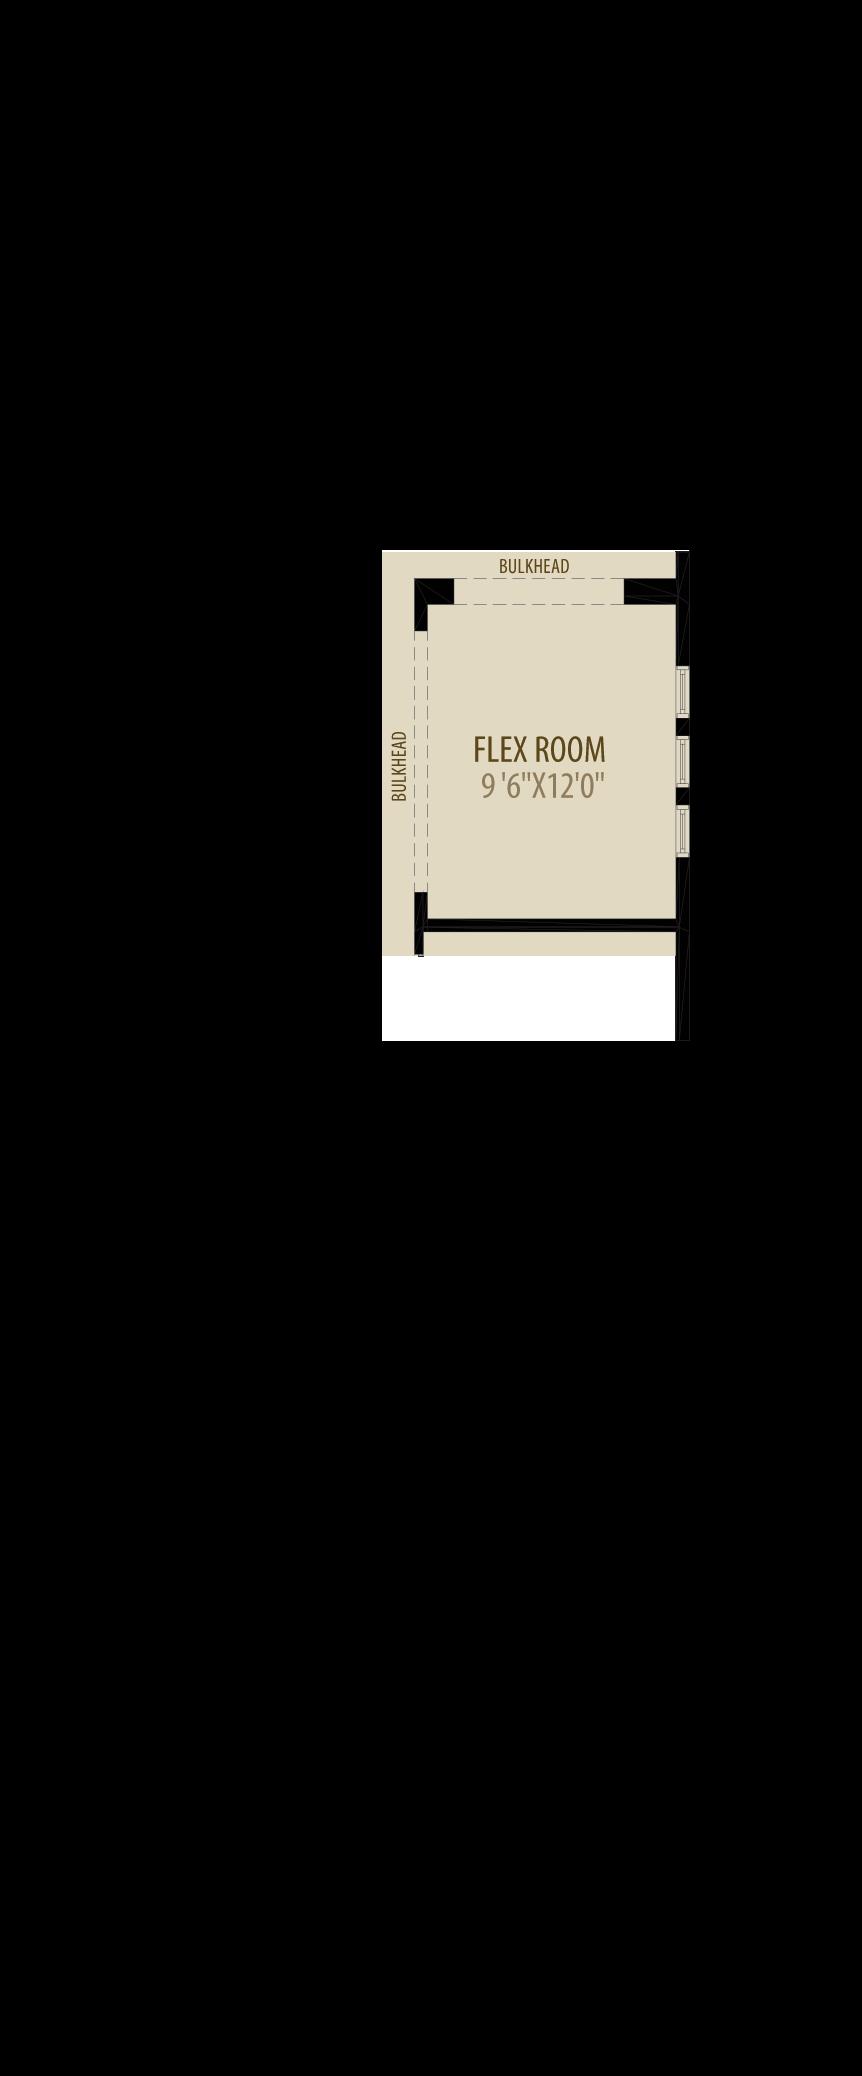 Flex Room Adds 120 sq ft